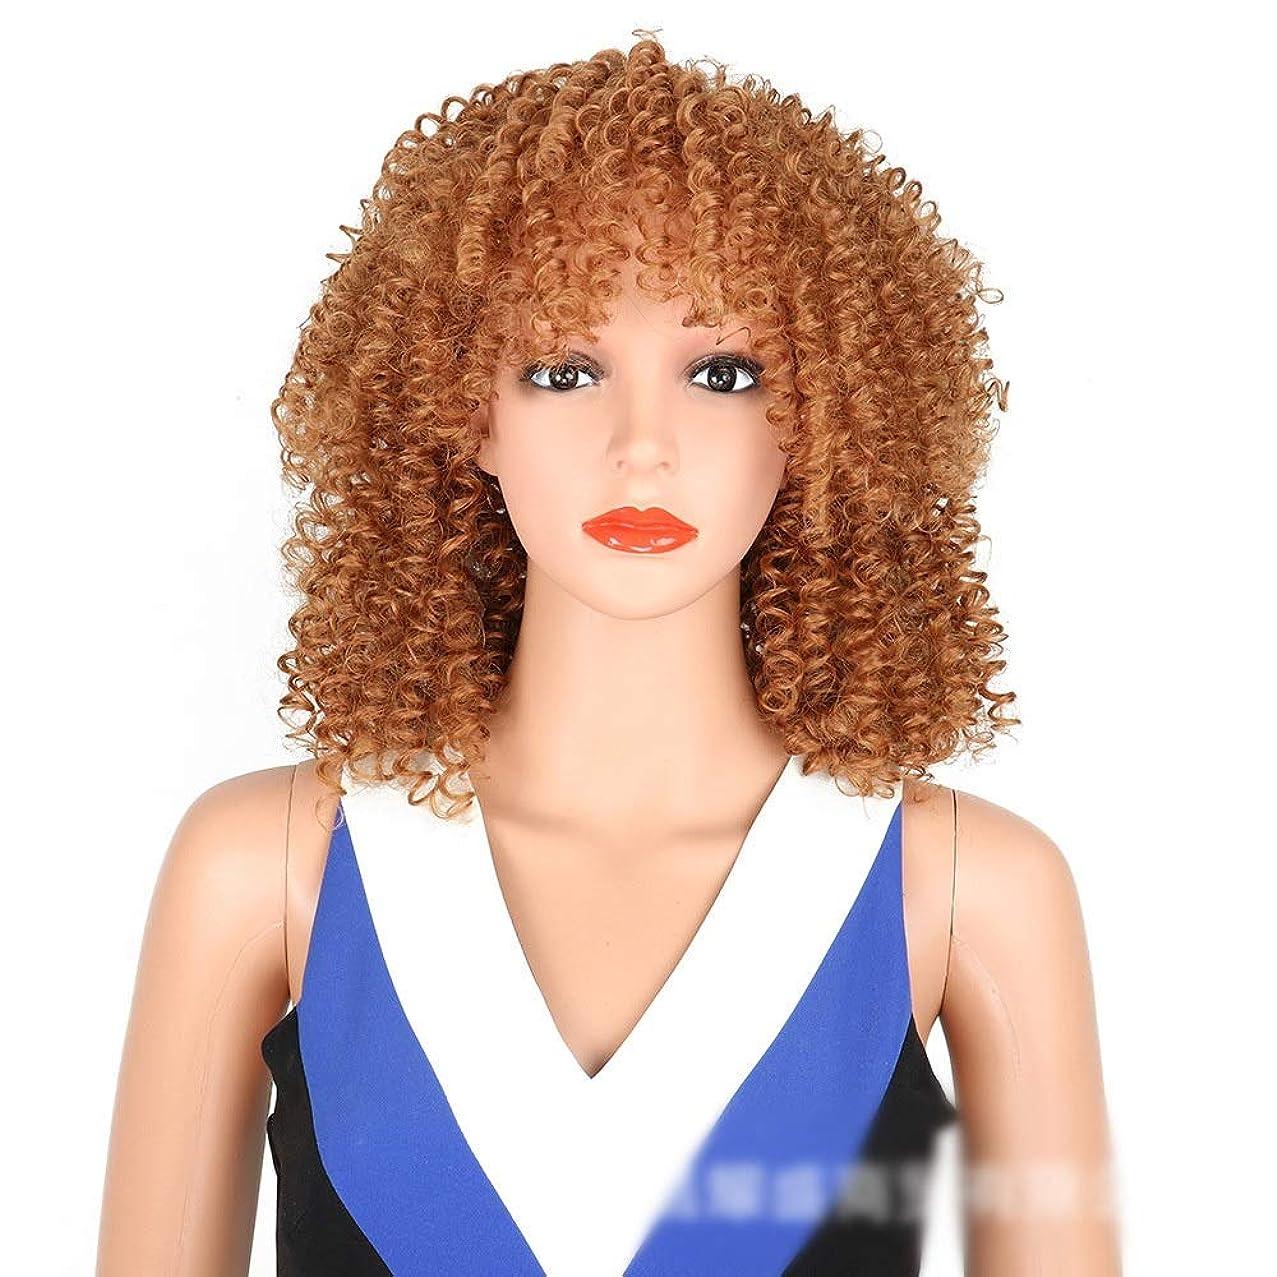 赤外線食料品店ブラインドYrattary アフリカの黒人女性の前髪爆発ヘッドの小さな巻き毛のかつらコスプレパーティードレスパーティーかつら (Color : ブラウン)